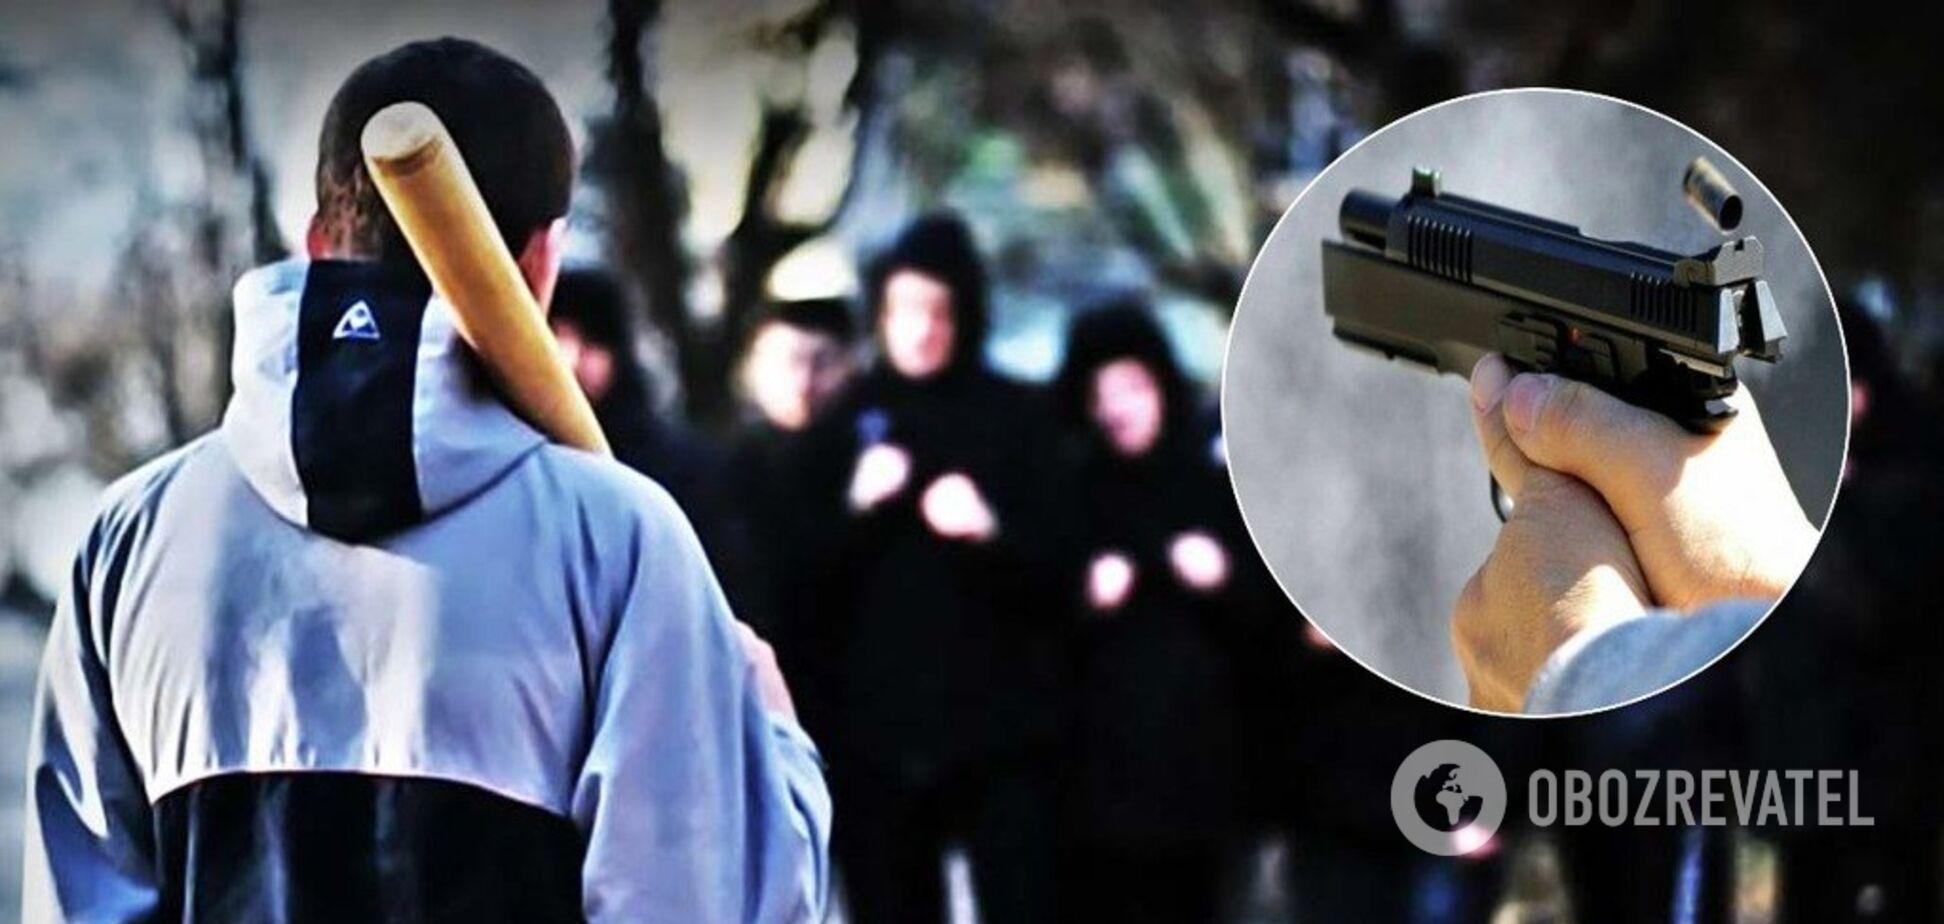 В Херсоне подростки устроили перестрелку на улице: есть раненый